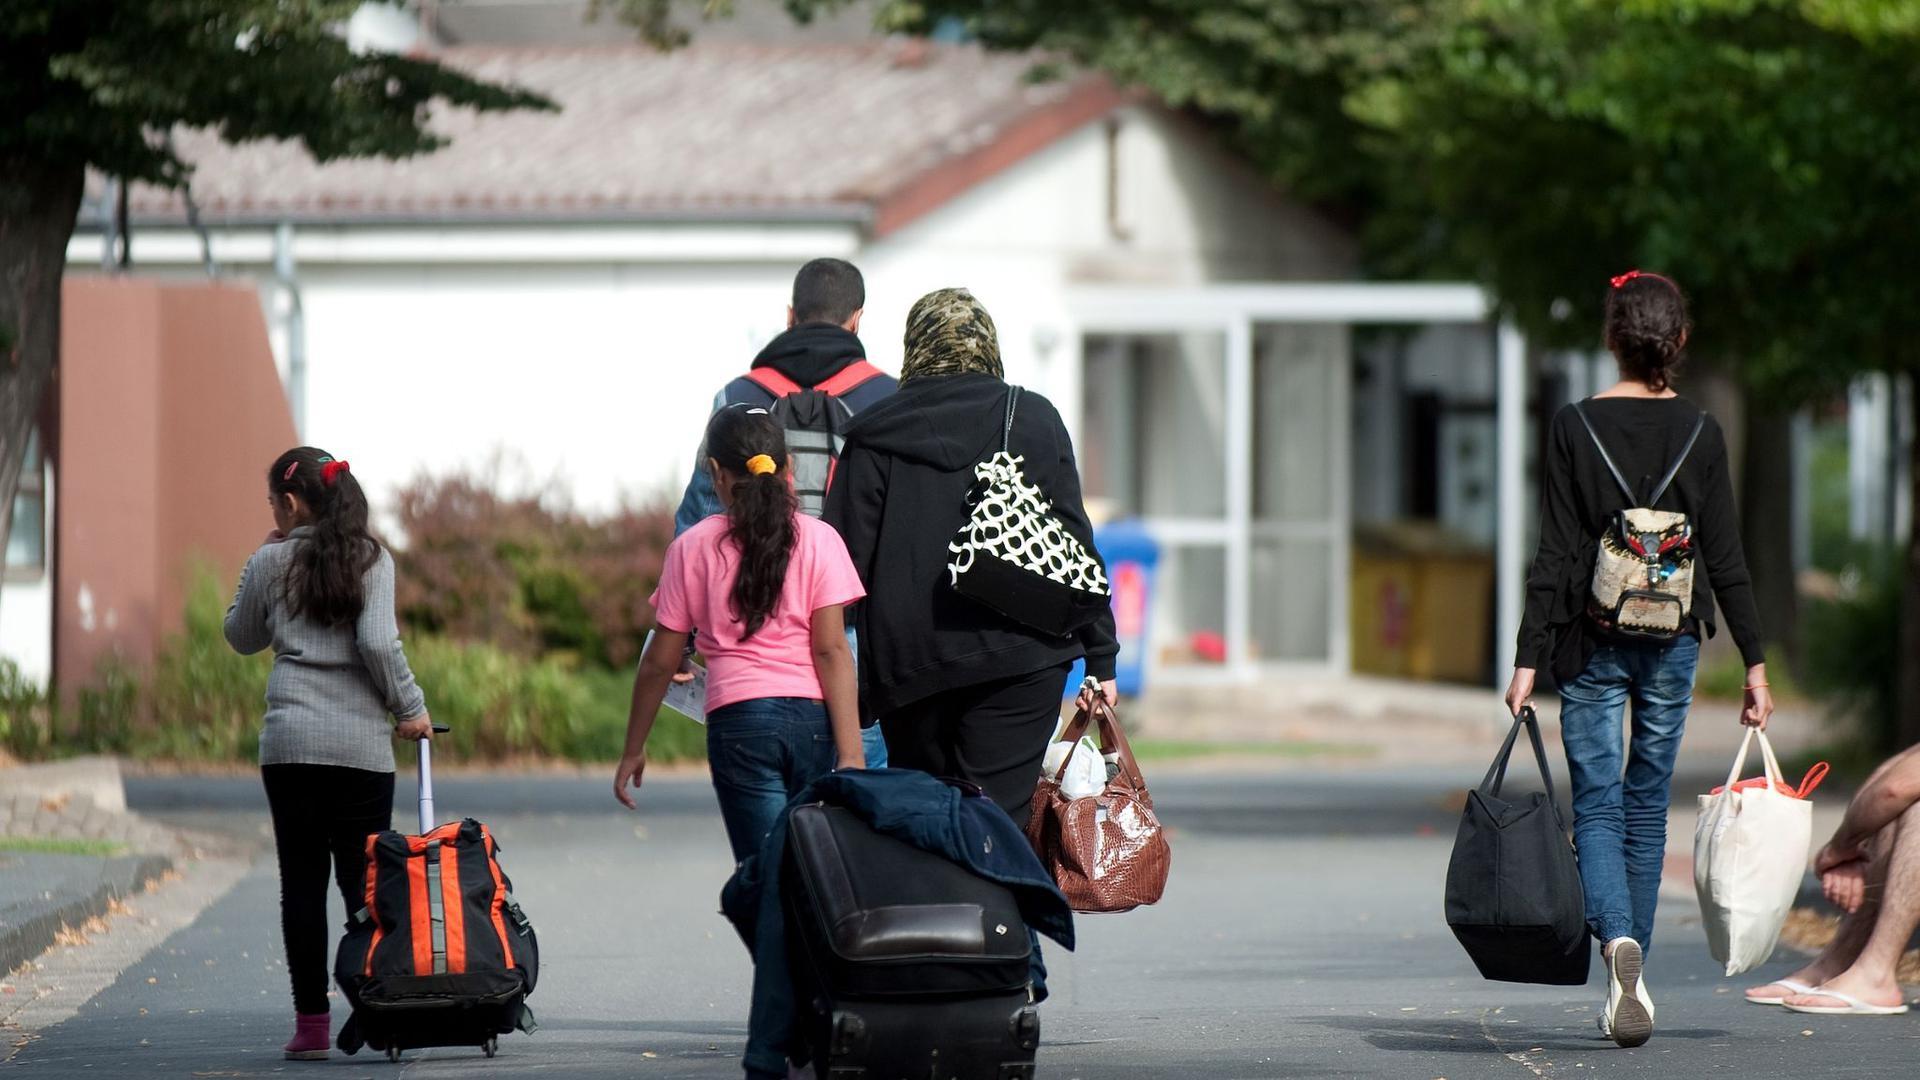 Flüchtlinge kommen in einer Flüchtlingsunterkunft an. In den Jahren 2015 und 2016 hatte Deutschland insgesamt mehr als 1,1 Millionen Asylsuchende aufgenommen.